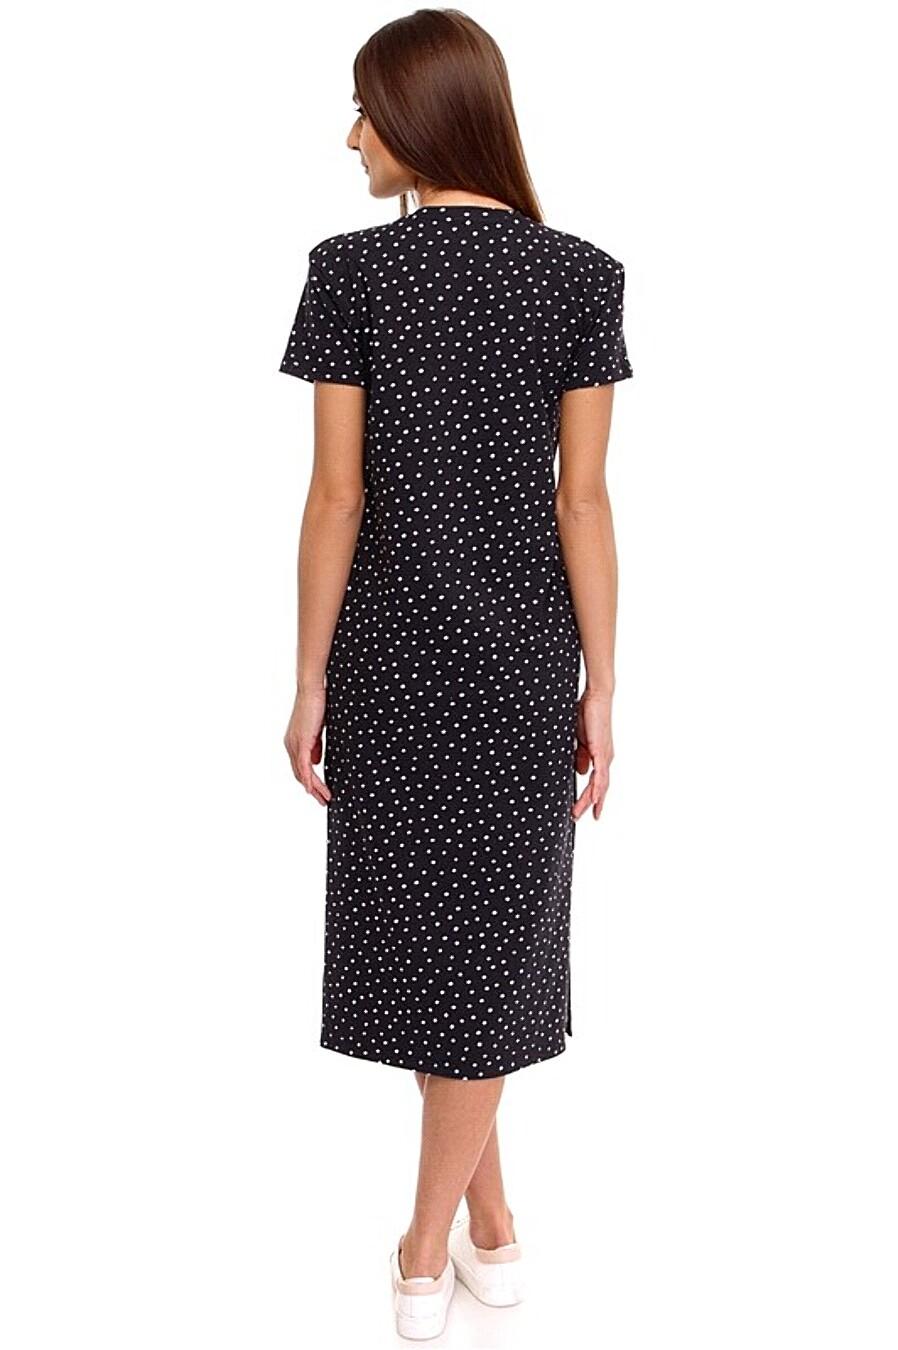 Платье для женщин Archi 288711 купить оптом от производителя. Совместная покупка женской одежды в OptMoyo